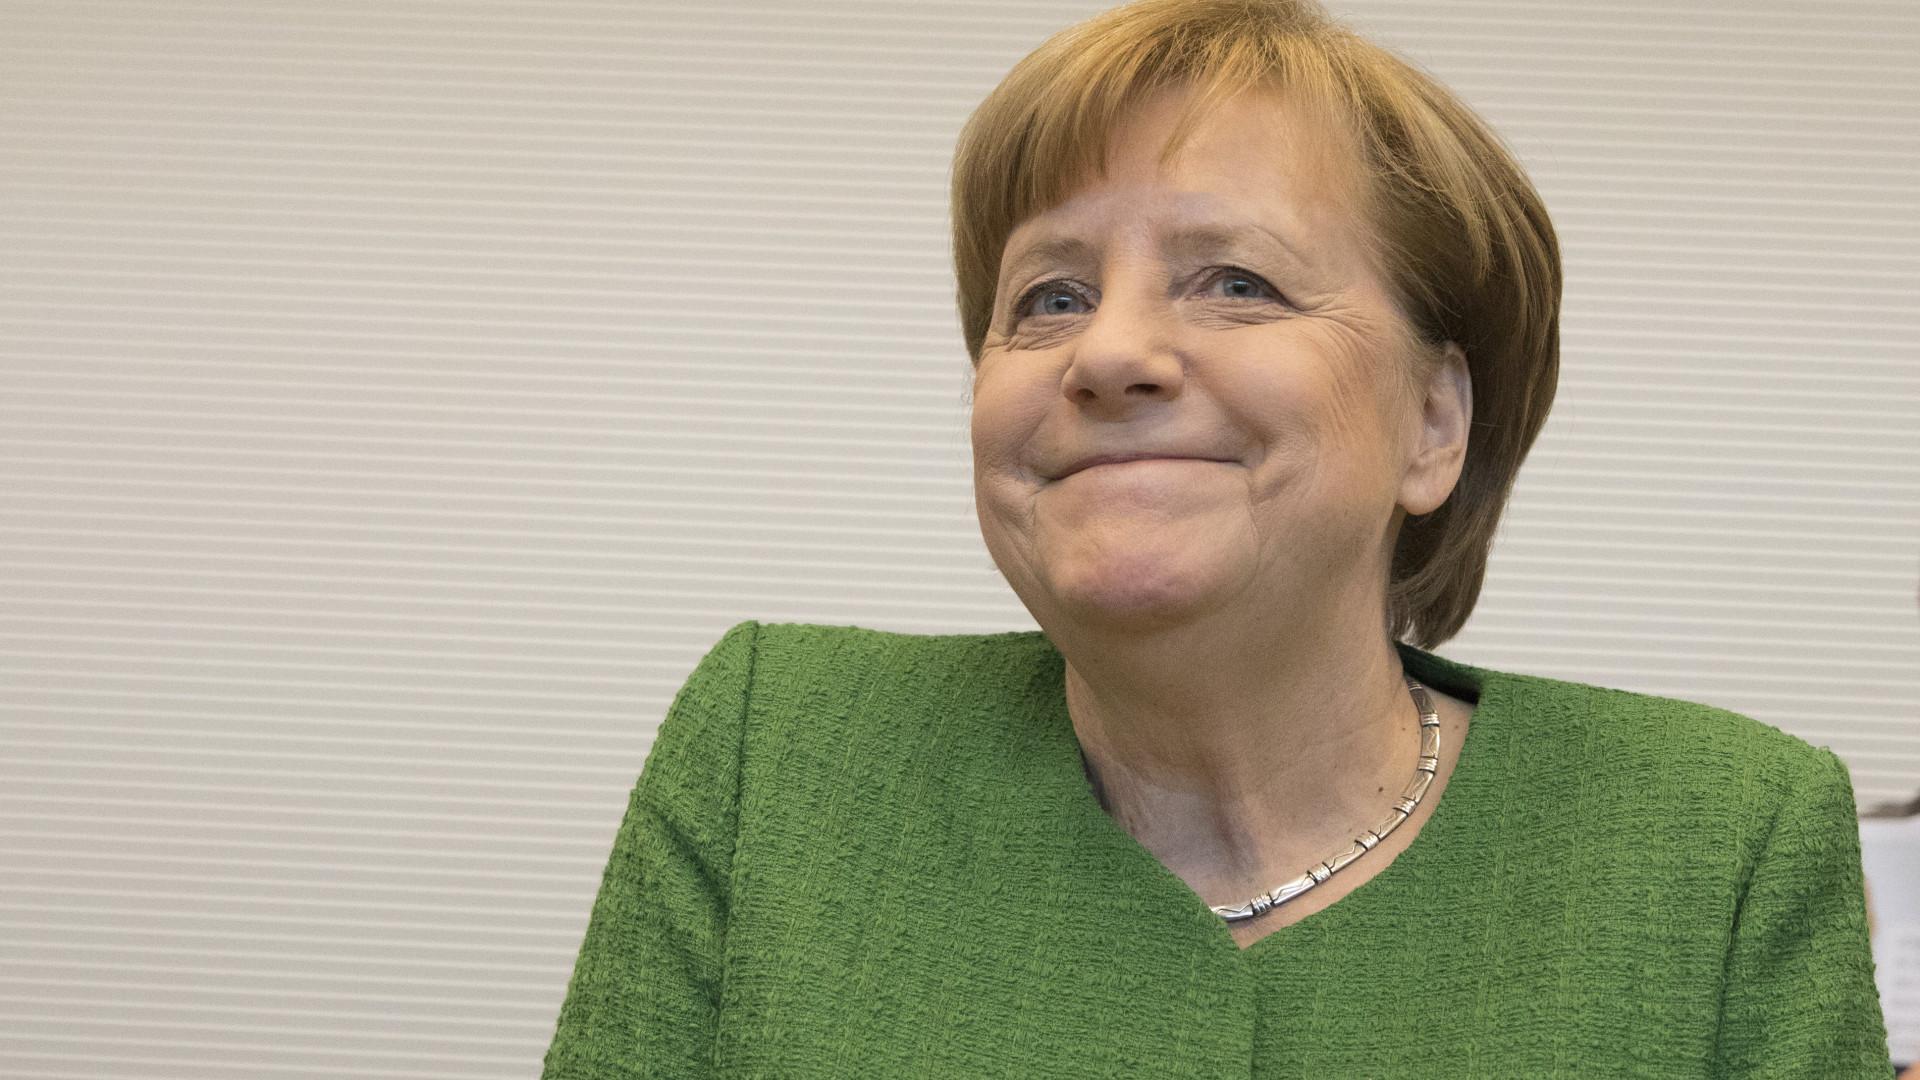 Merkel reconduzida hoje no quarto mandato como chanceler da Alemanha